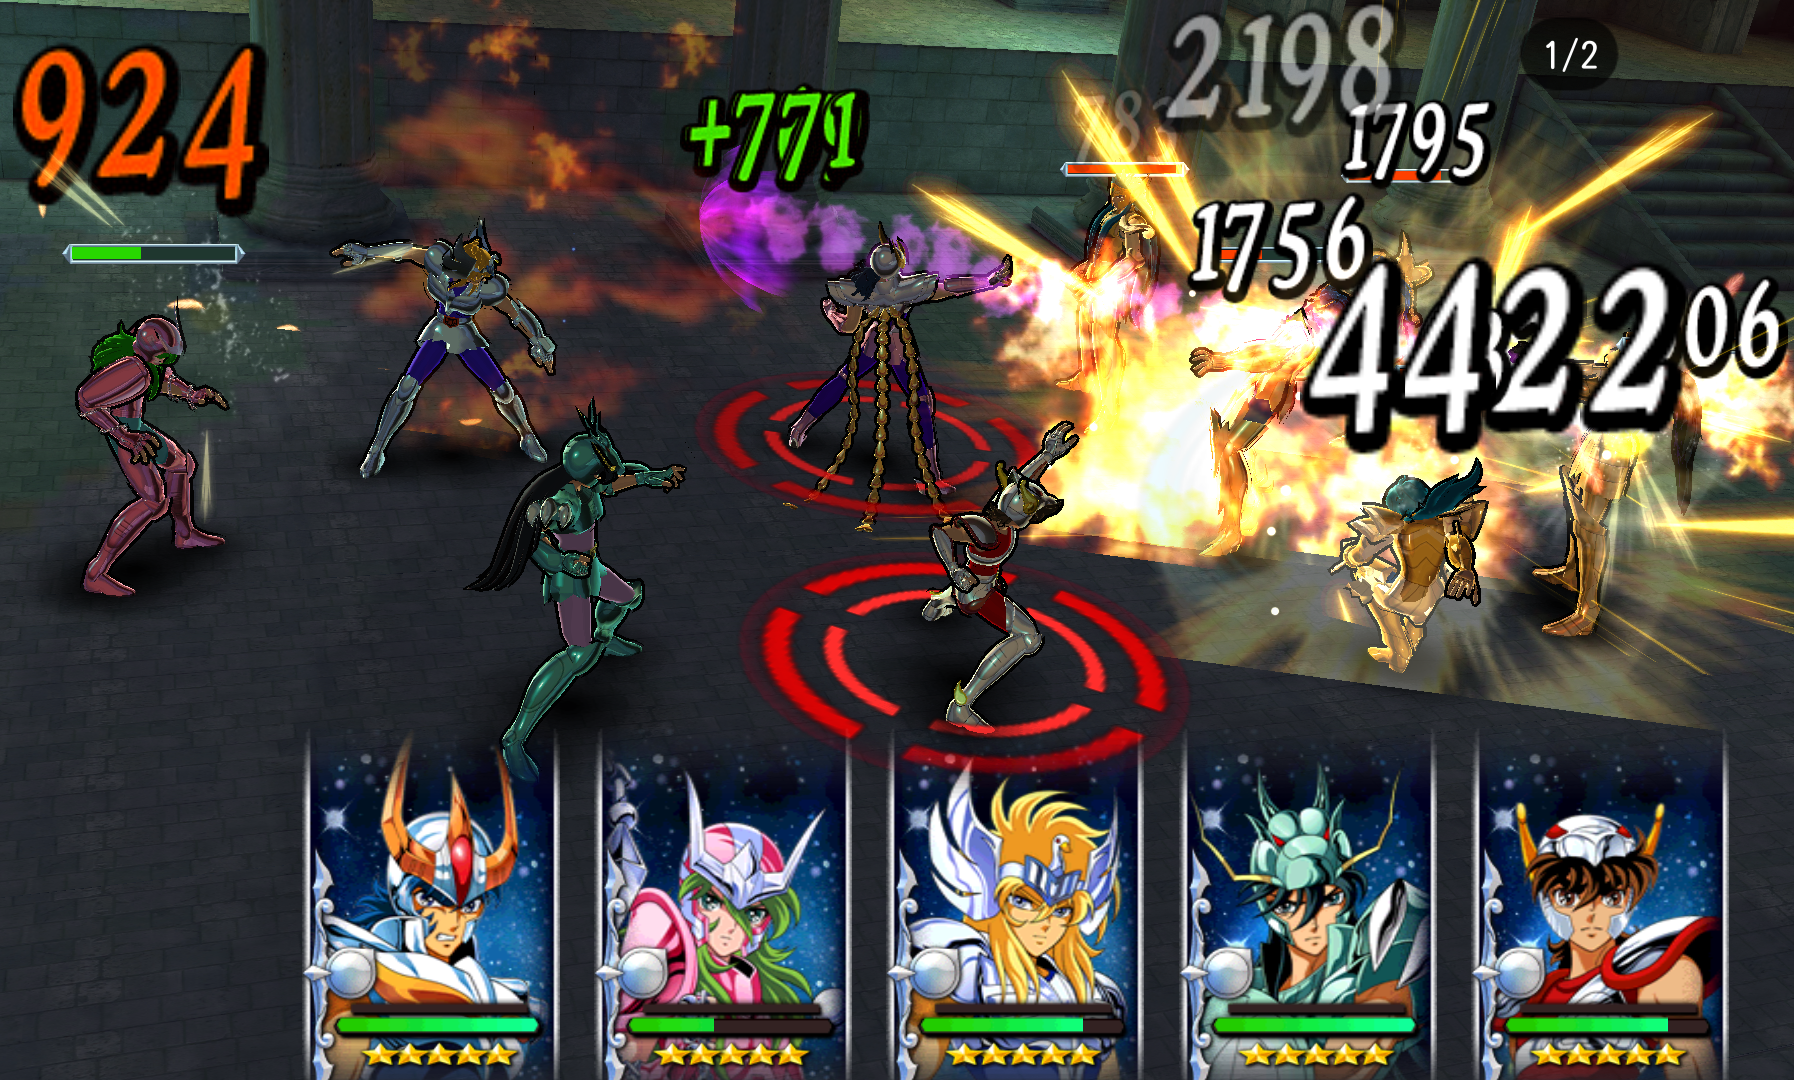 聖闘士星矢 ゾディアック ブレイブ androidアプリスクリーンショット1